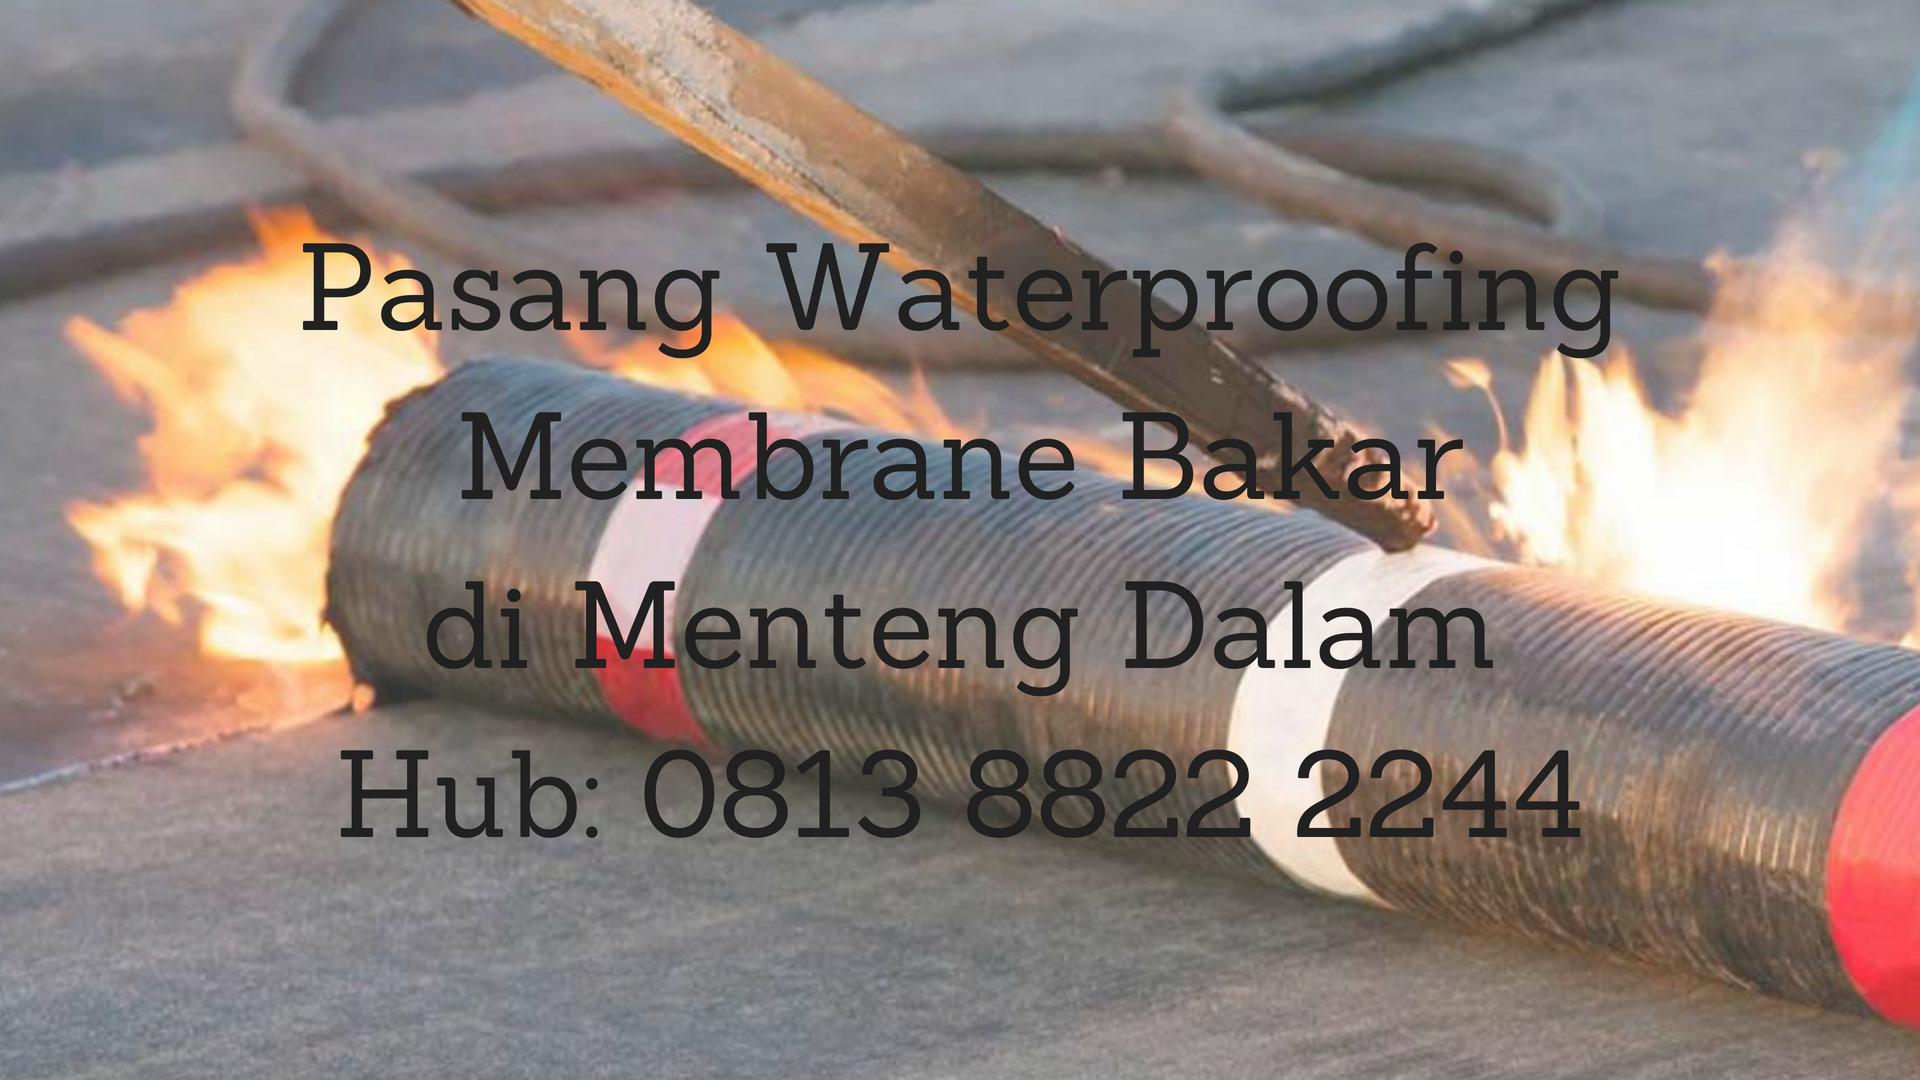 PASANG WATERPROOFING MEMBRANE BAKAR DI MENTENG DALAM .HUB: 0813 8822 2244